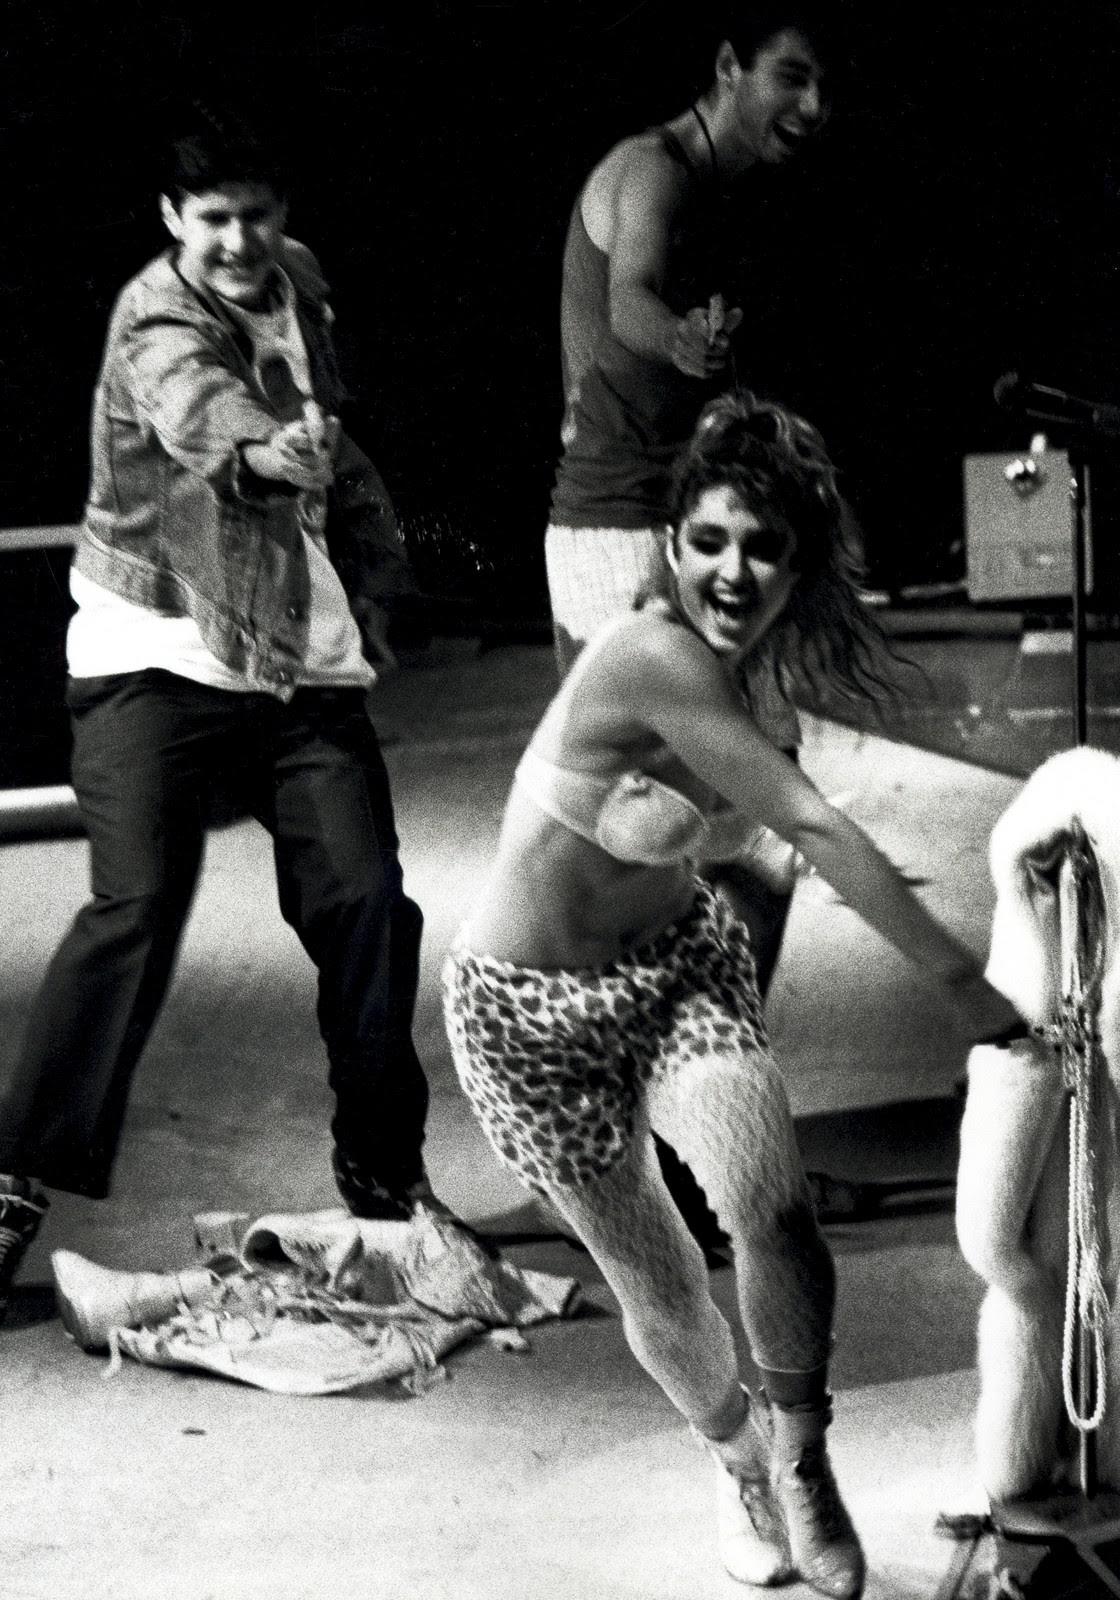 11 giugno 1985, Madonna e i Beastie Boys sul palco del Madison Square Garden di New York